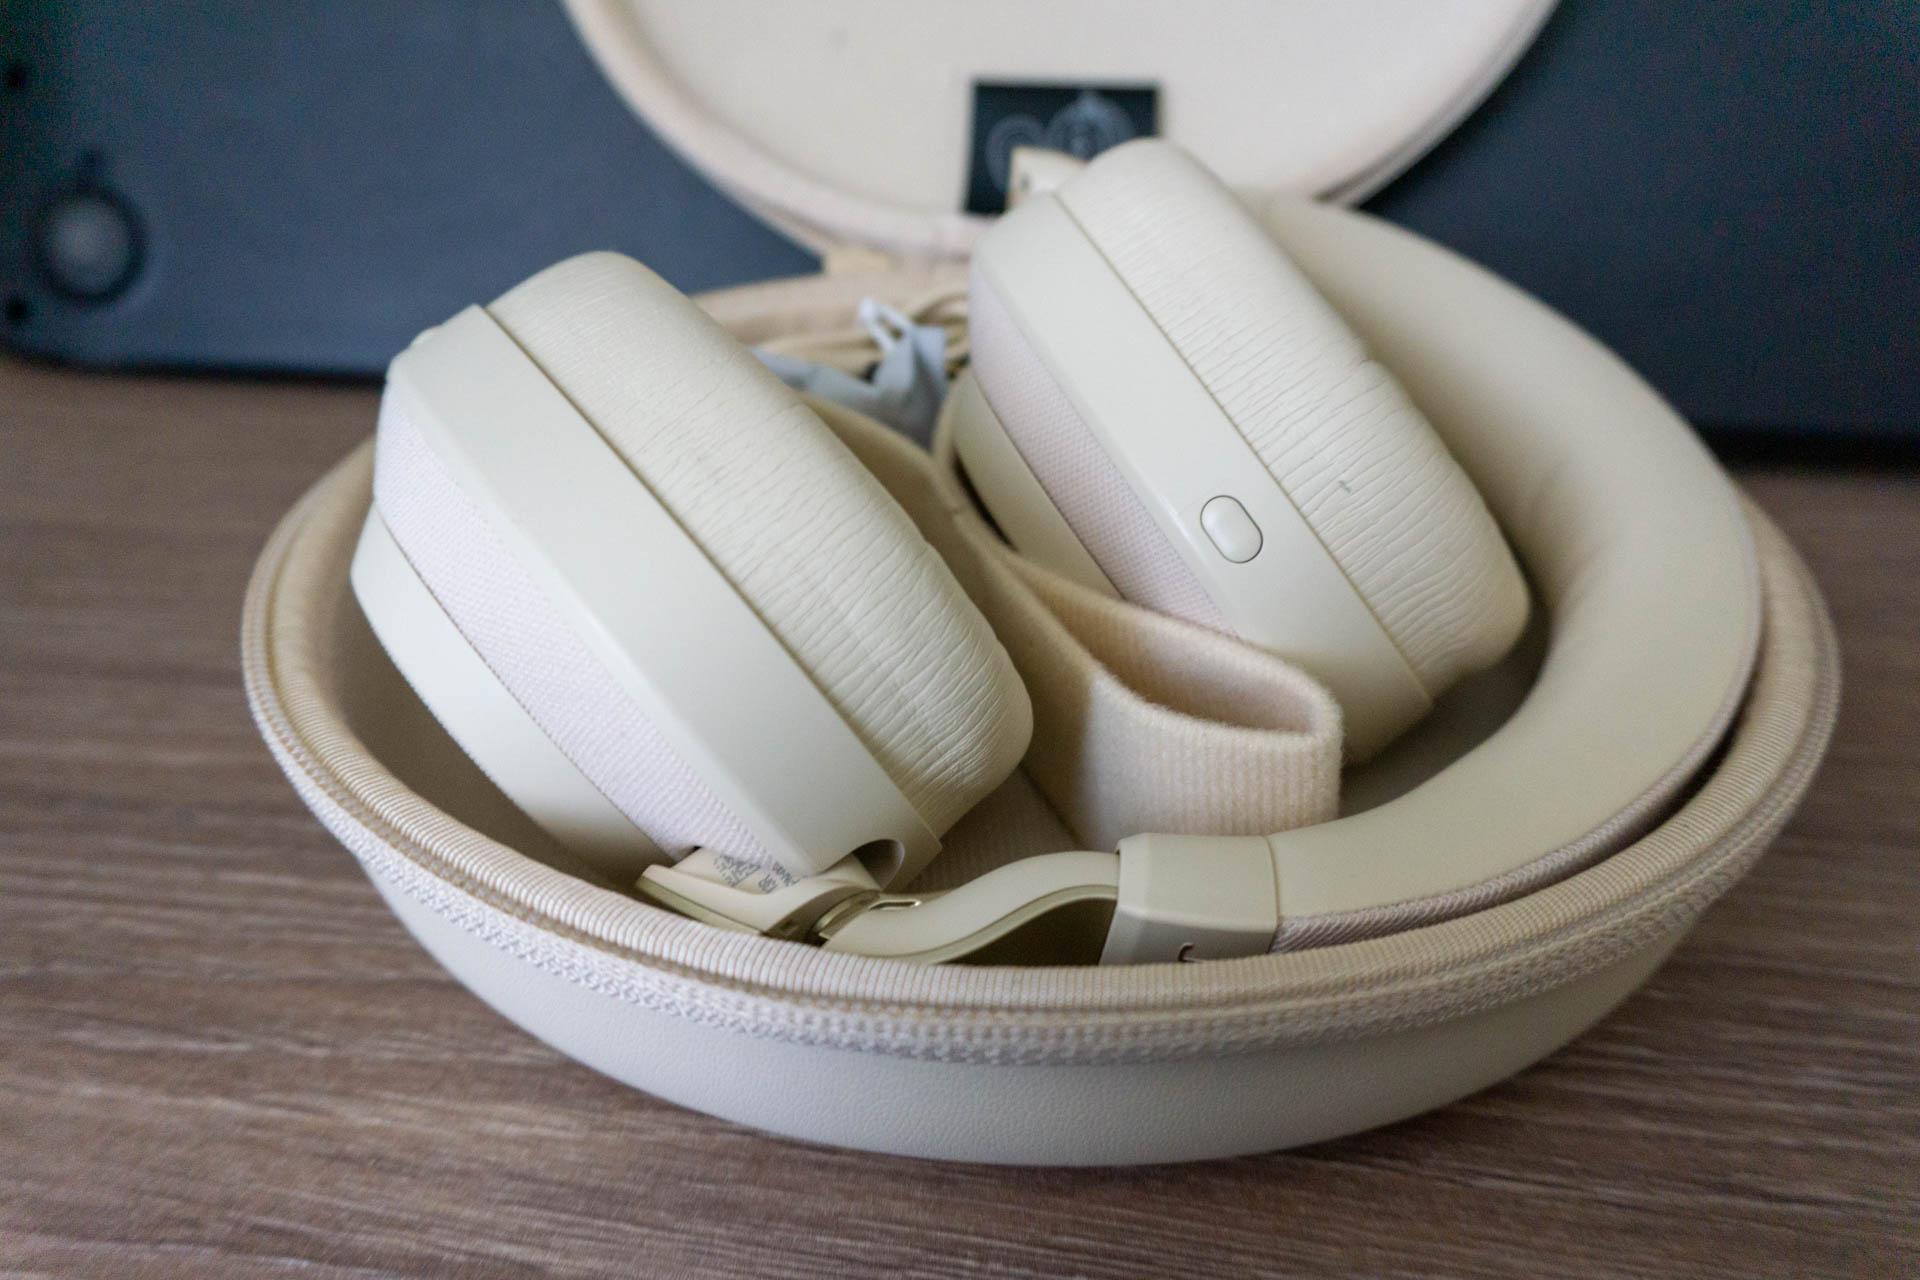 Słuchawki Jabra Elite 85h - tylko dla biznesmenów? (recenzja) 24